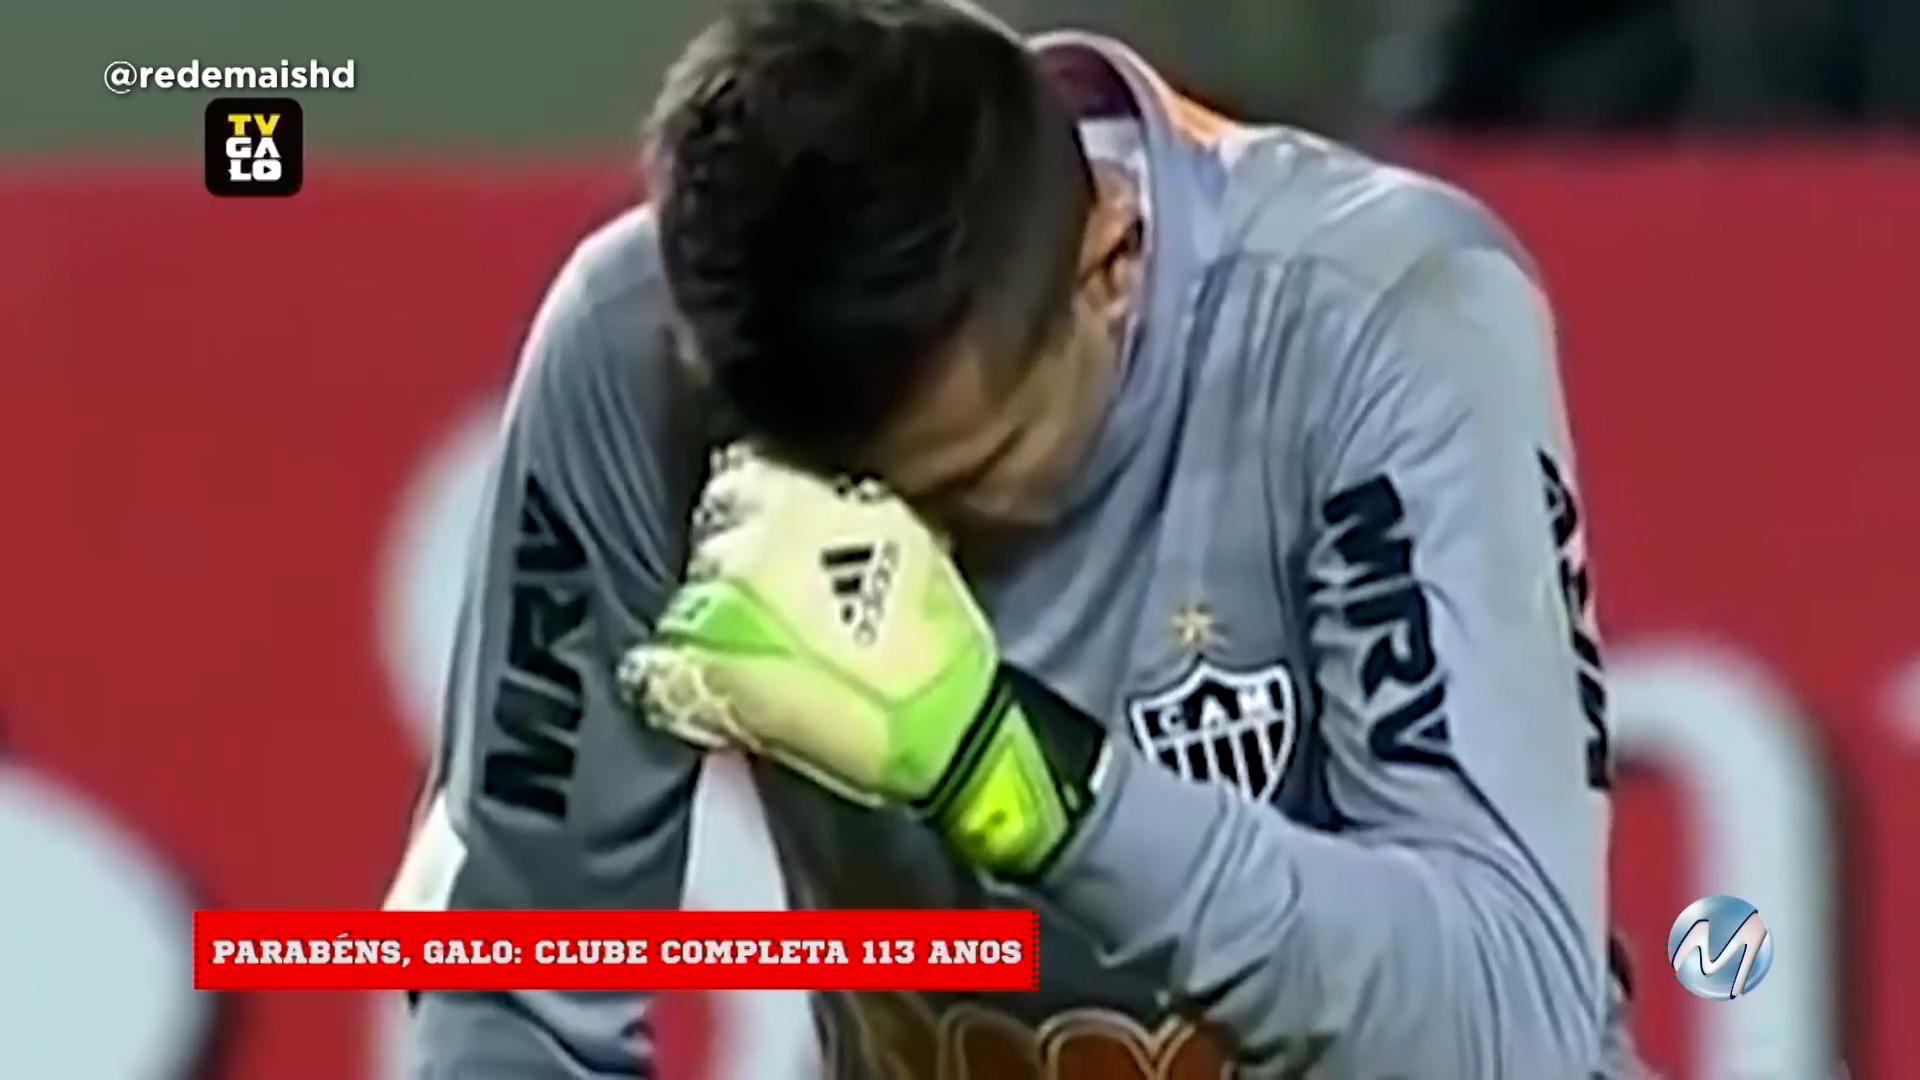 Aniversário do Galo e Flamengo sobrando